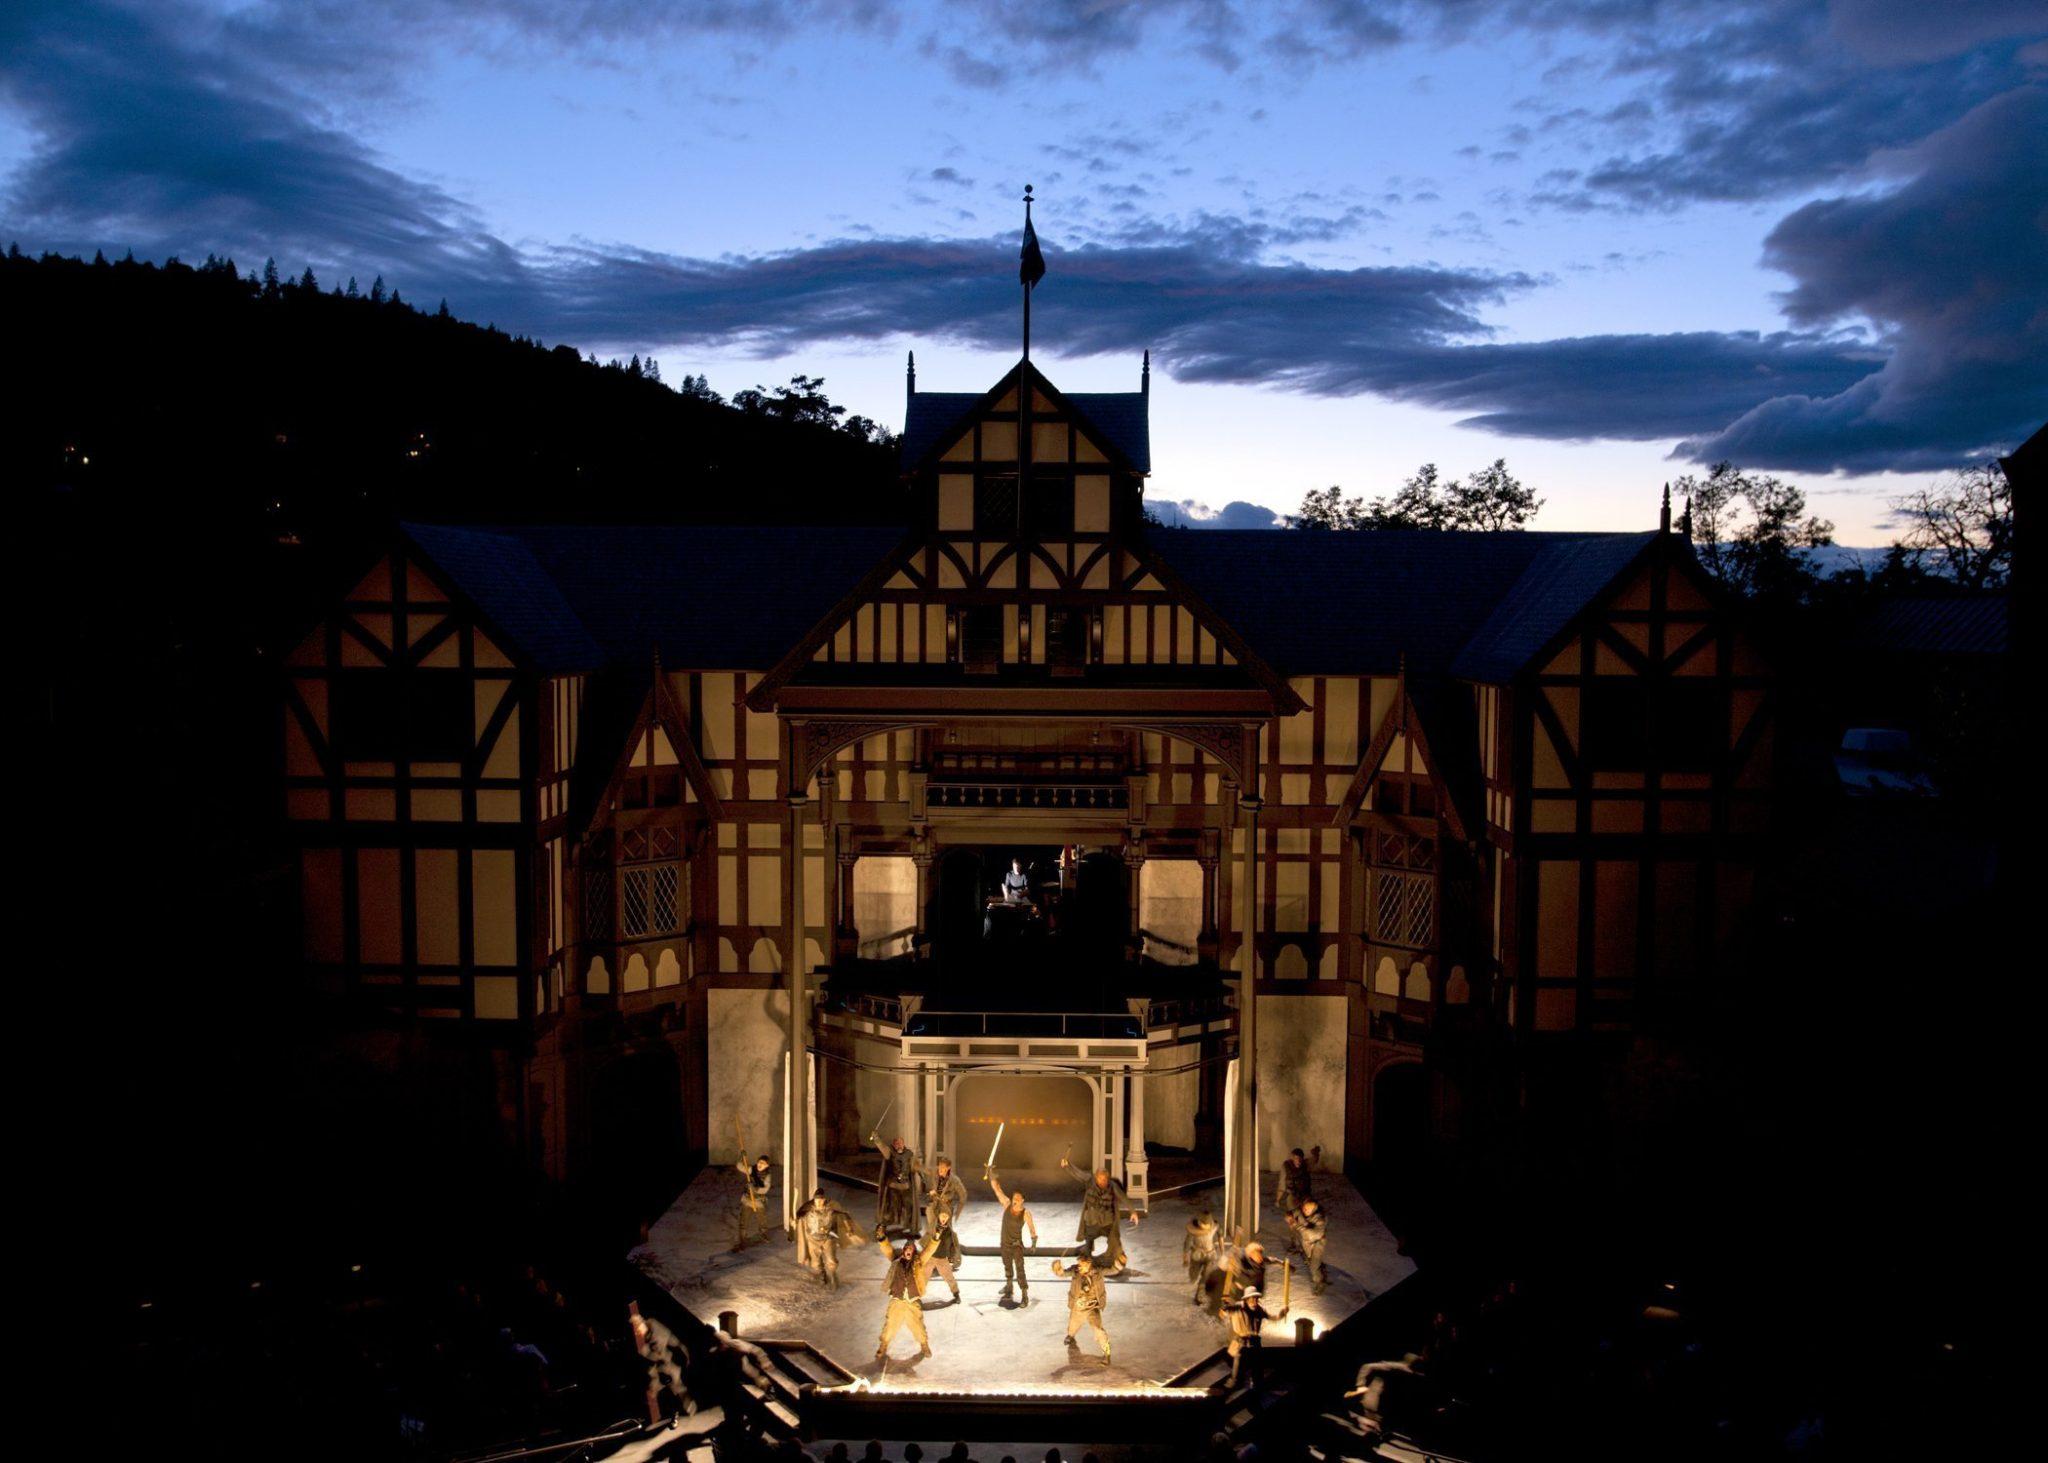 Oregon-Shakespeare-Festival-Elizabethan-Stage-Ashland